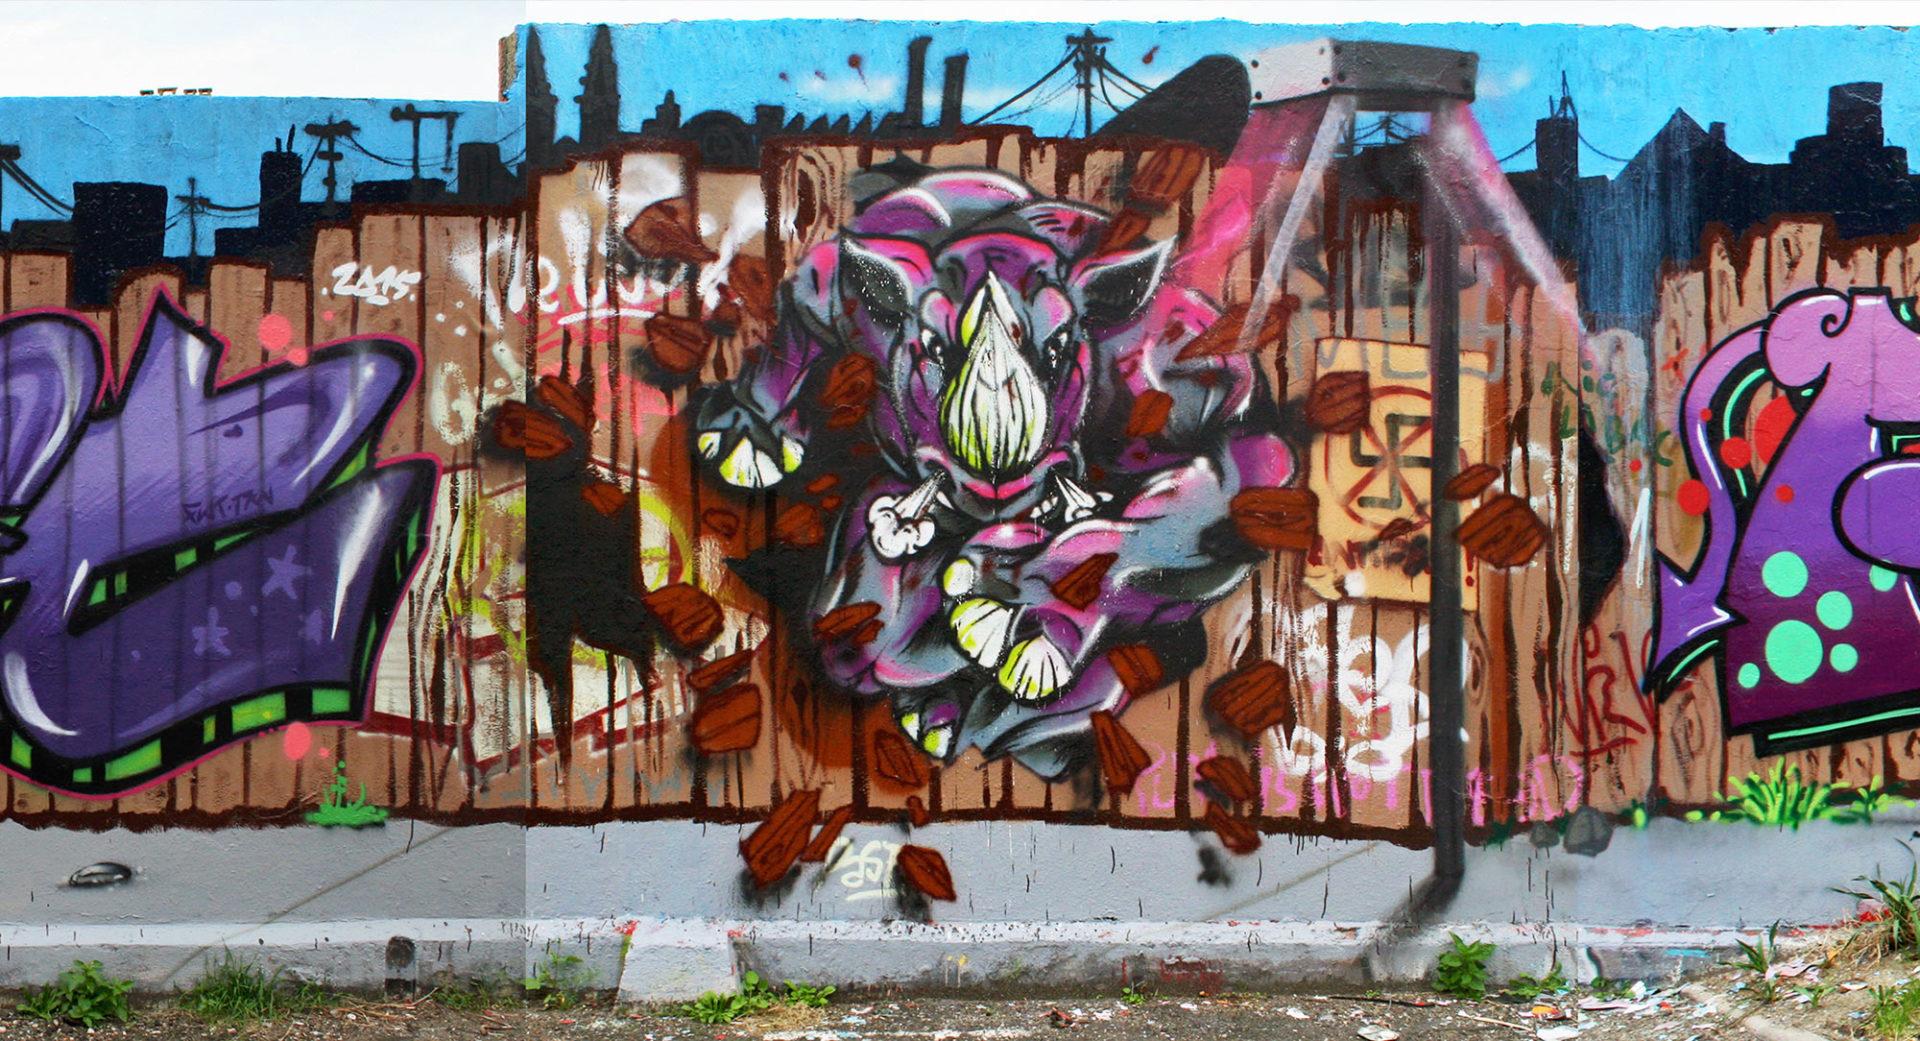 Rino - Fresque Pallissade - Graffiti